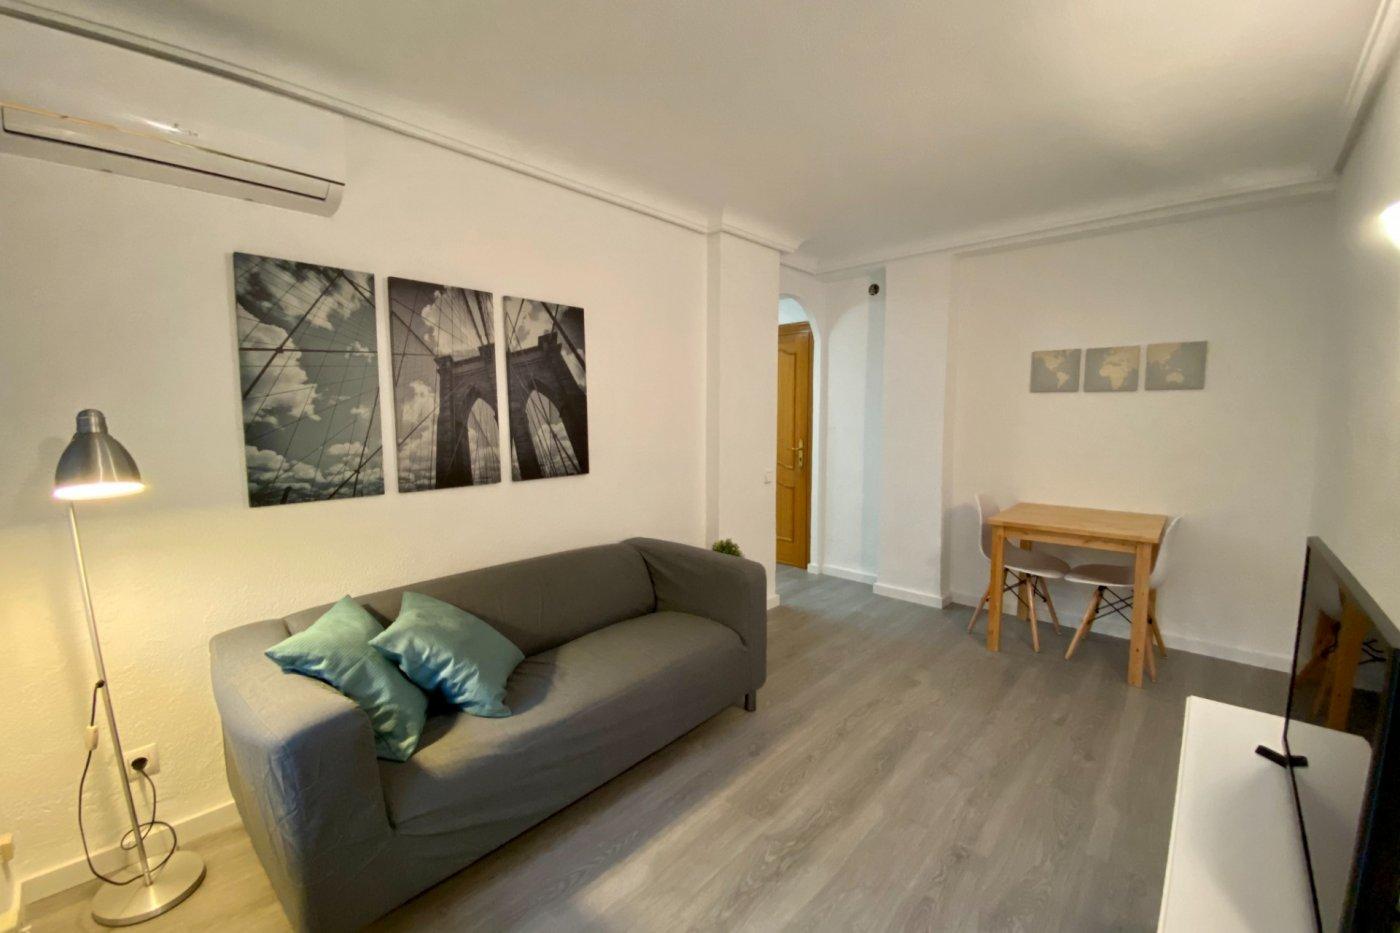 Primer piso de 49 m² de superficie (con ascensor) en la zona de porto pí, palma de mallorc - imagenInmueble2